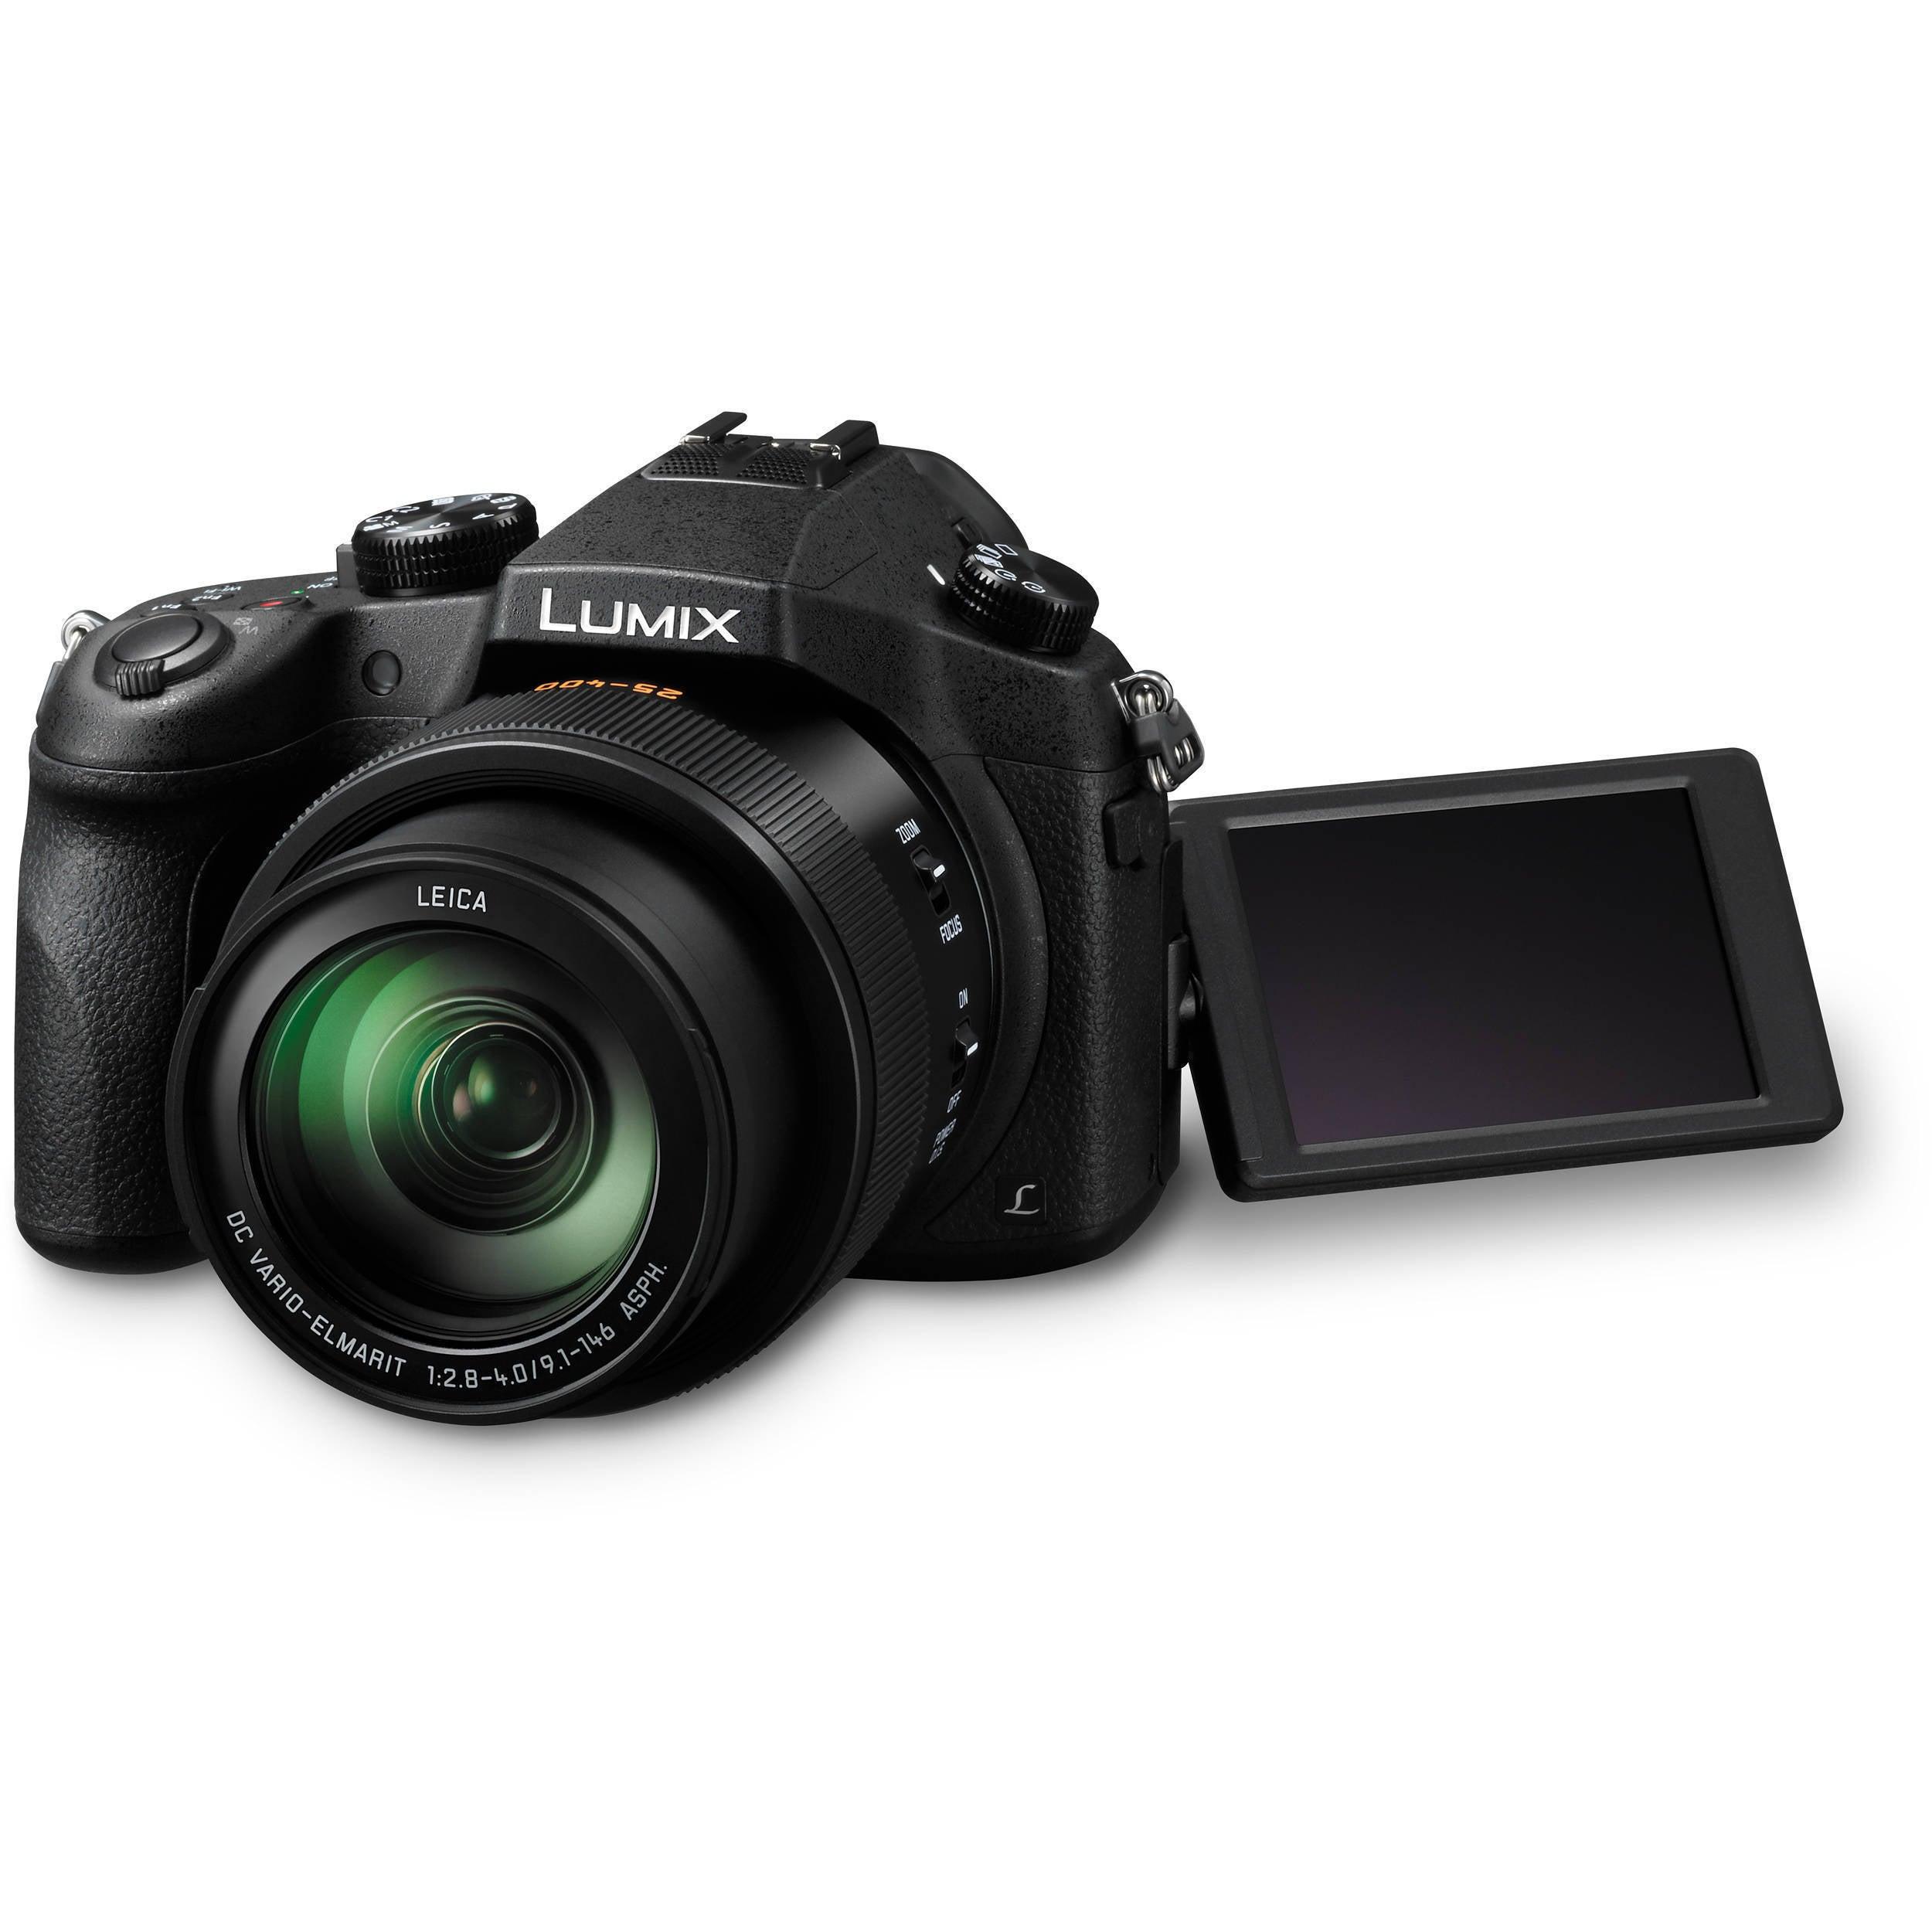 Paasonic Panasonic Lumix DMC-FZ1000 Digital Camera (Panas...